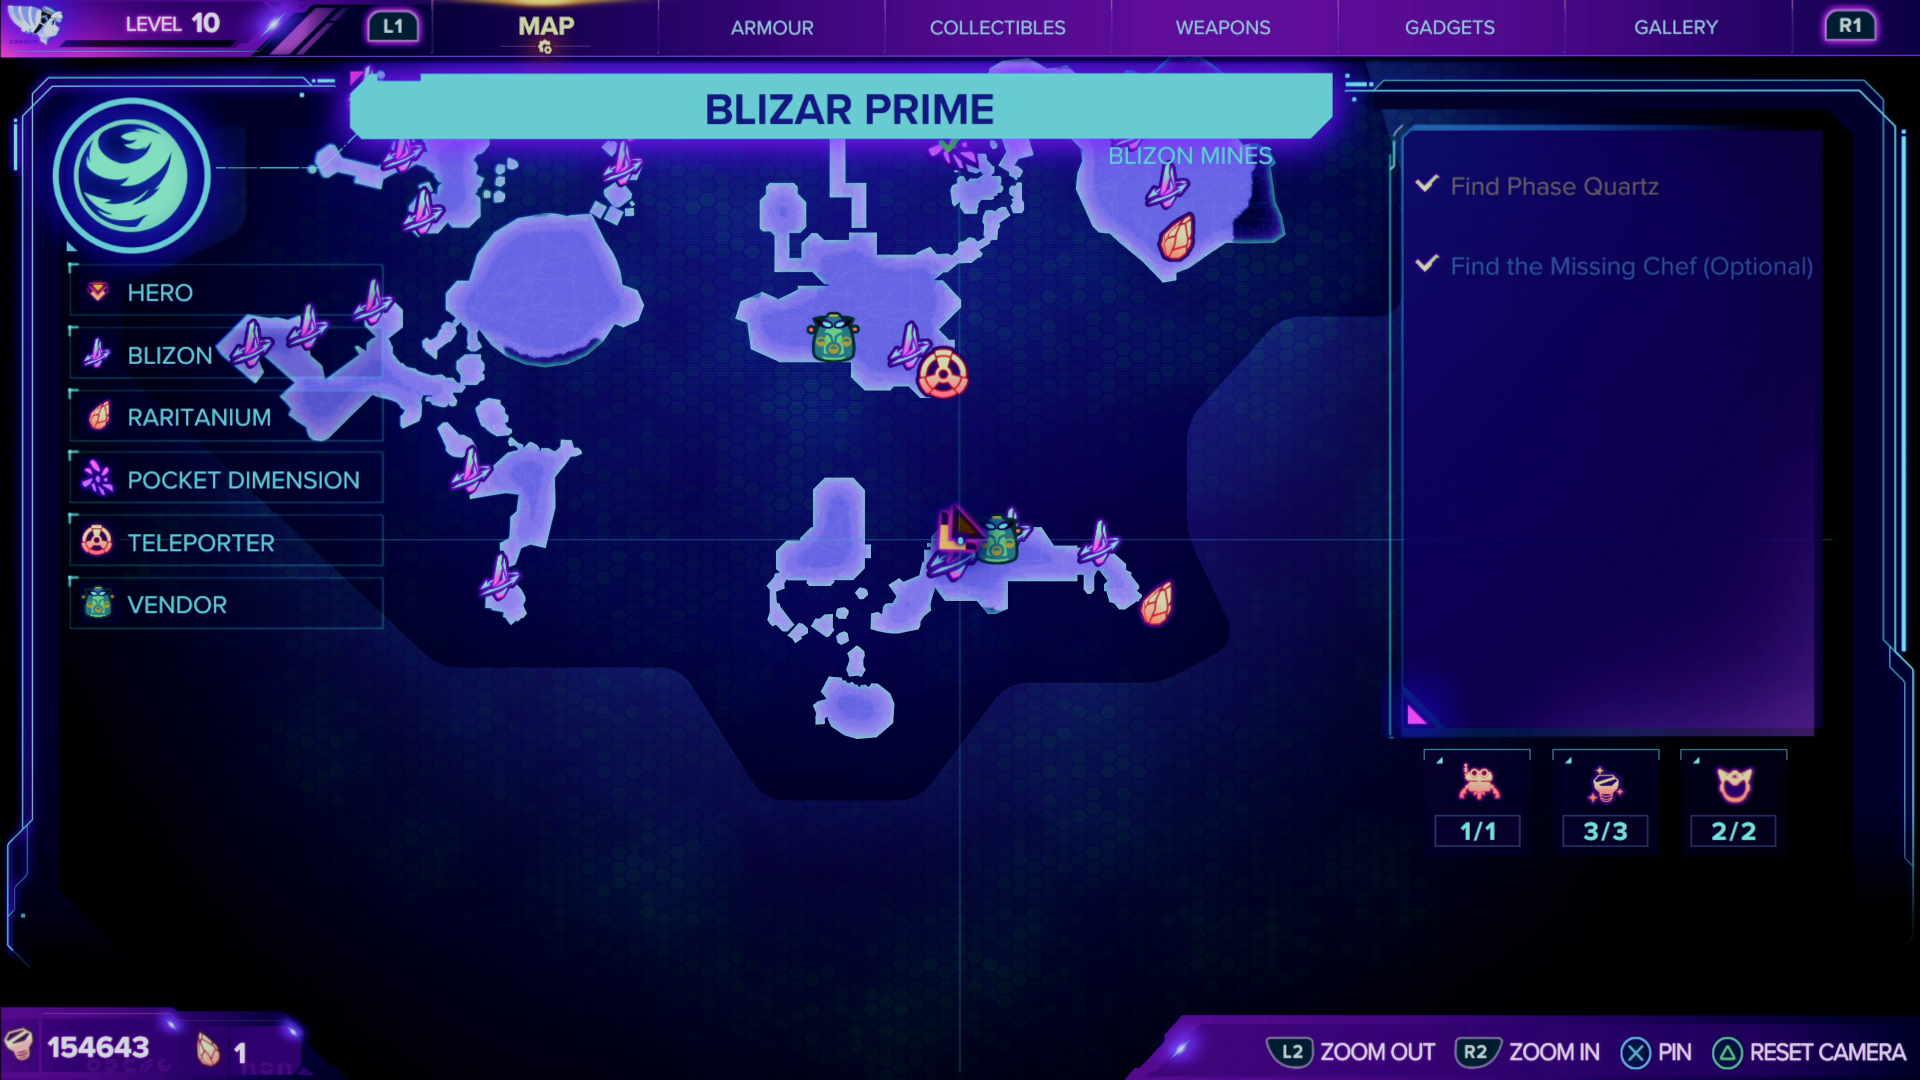 CraiggerBear 5: Blizar Prime